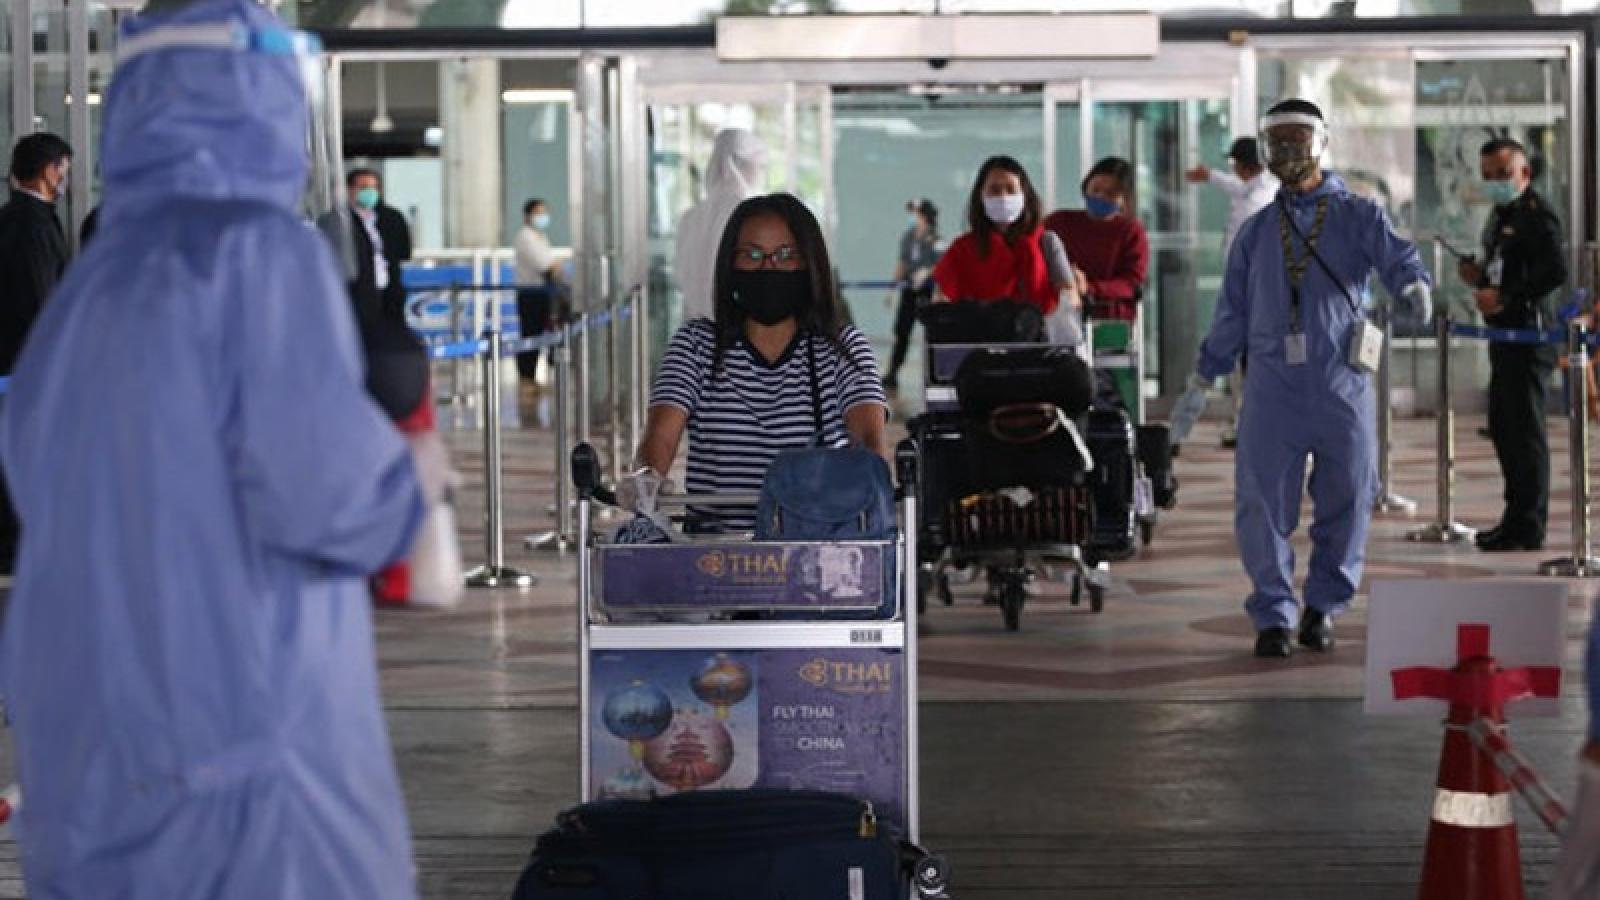 Thái Lan gia hạn tình trạng khẩn cấp quốc gia đối phó dịch Covid-19